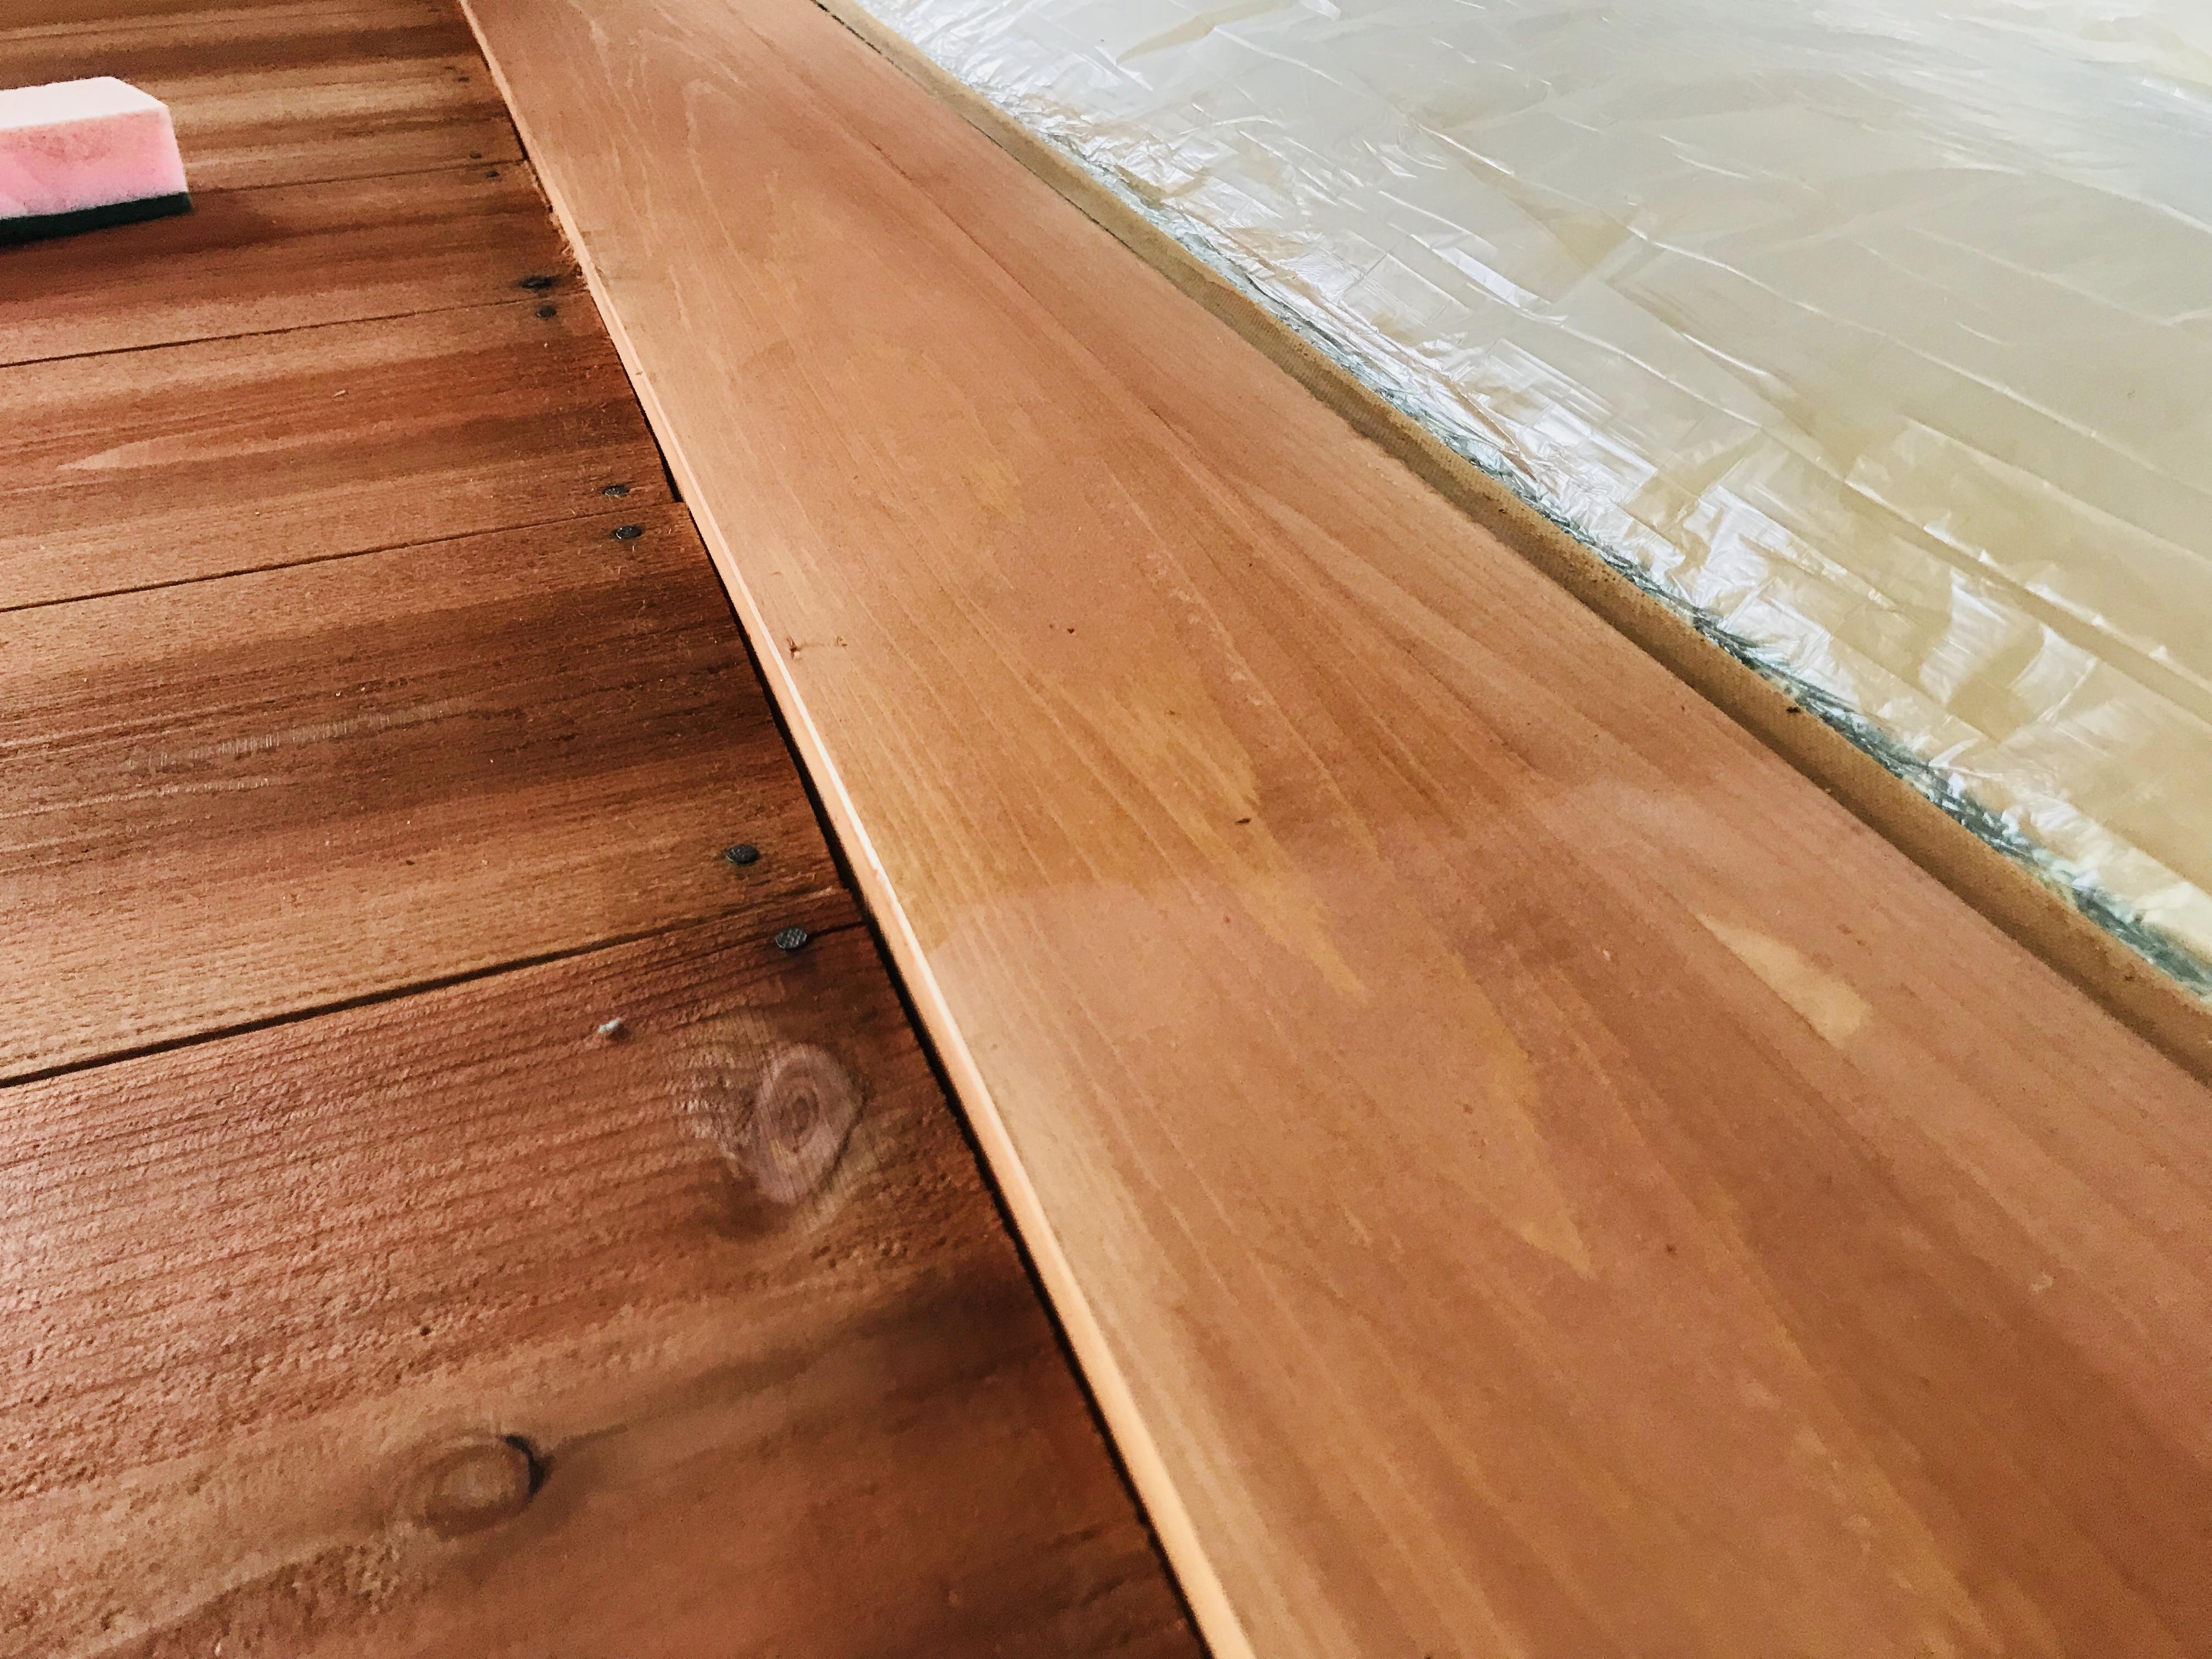 蜜蝋ワックスを木材に塗る